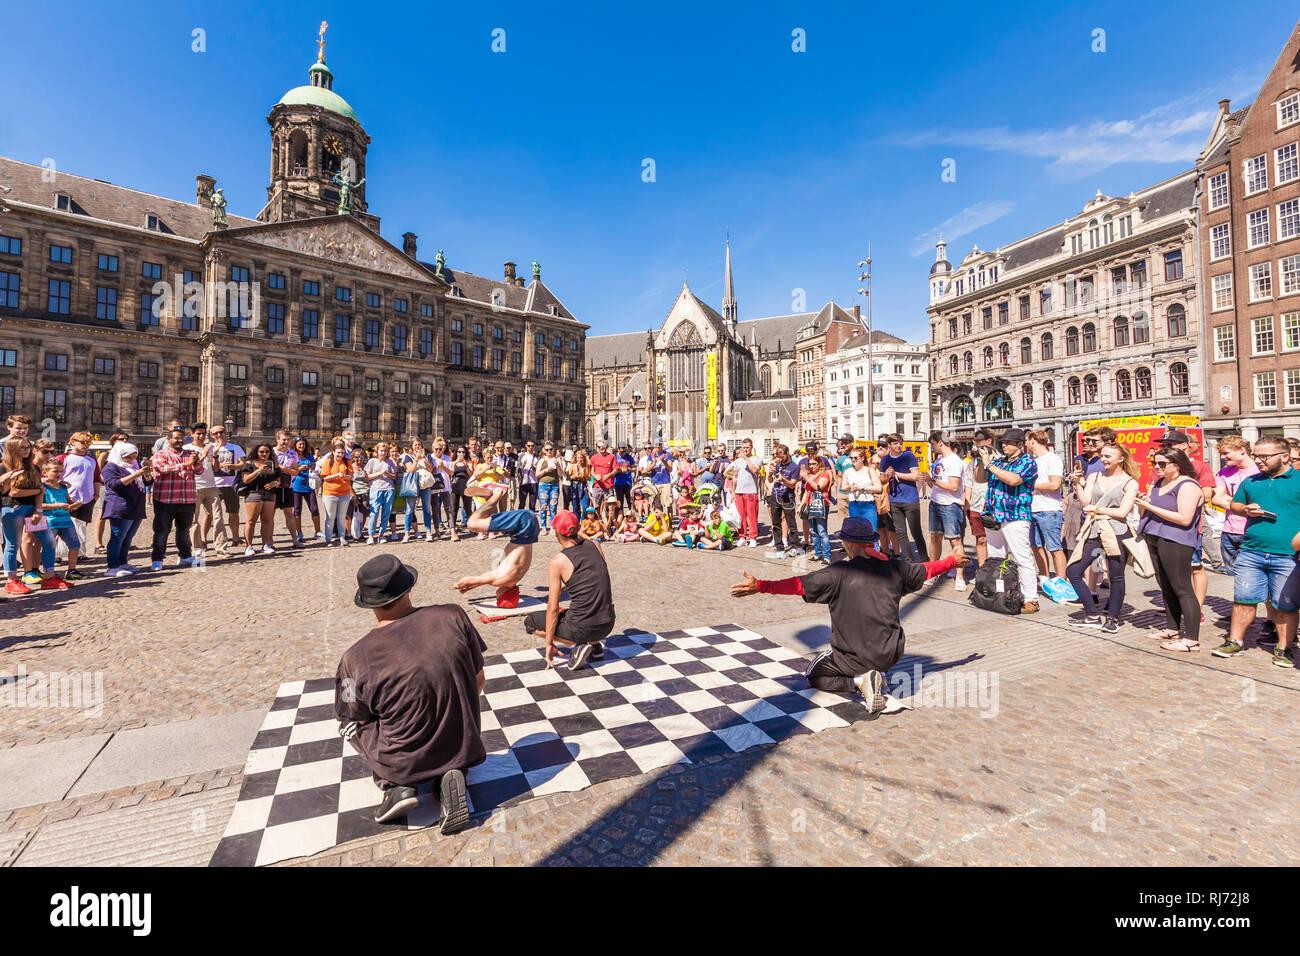 Niederlande, Amsterdam, Stadtzentrum, Dam, Straßenkünstler vor dem Königlichen Palast, Paleis op de Dam, Straßenkunst, Menschenmenge Stock Photo